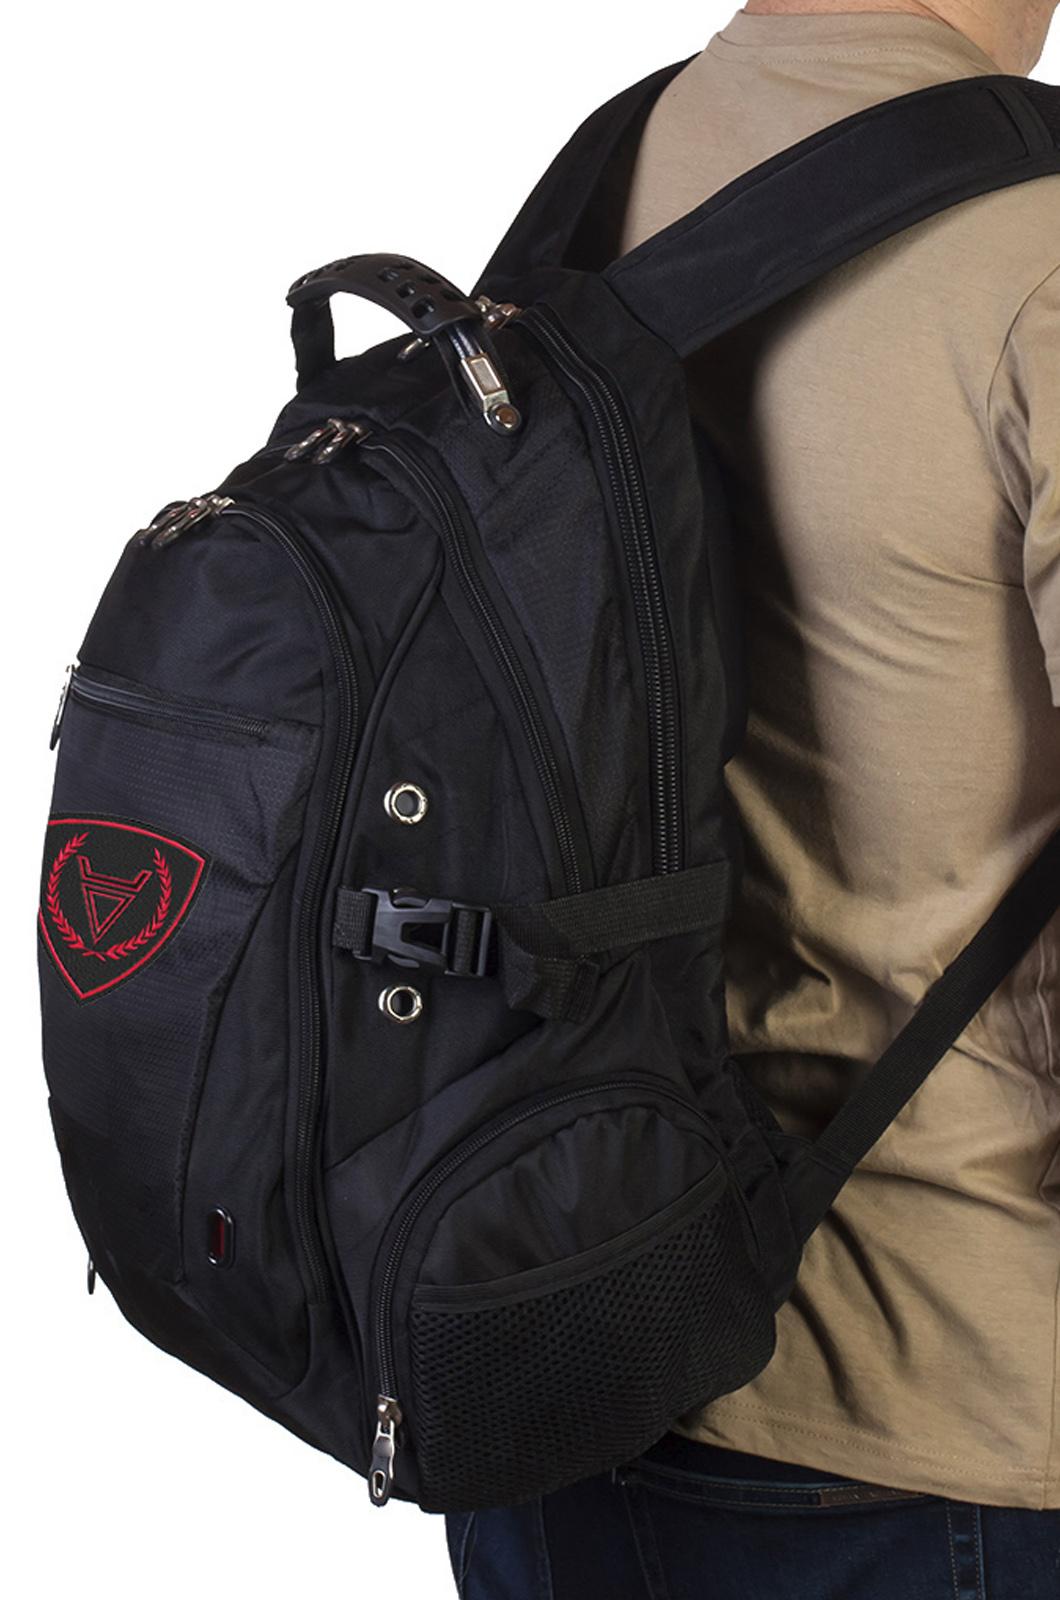 Многоцелевой черный рюкзак с символом Бога Велеса купить в подарок